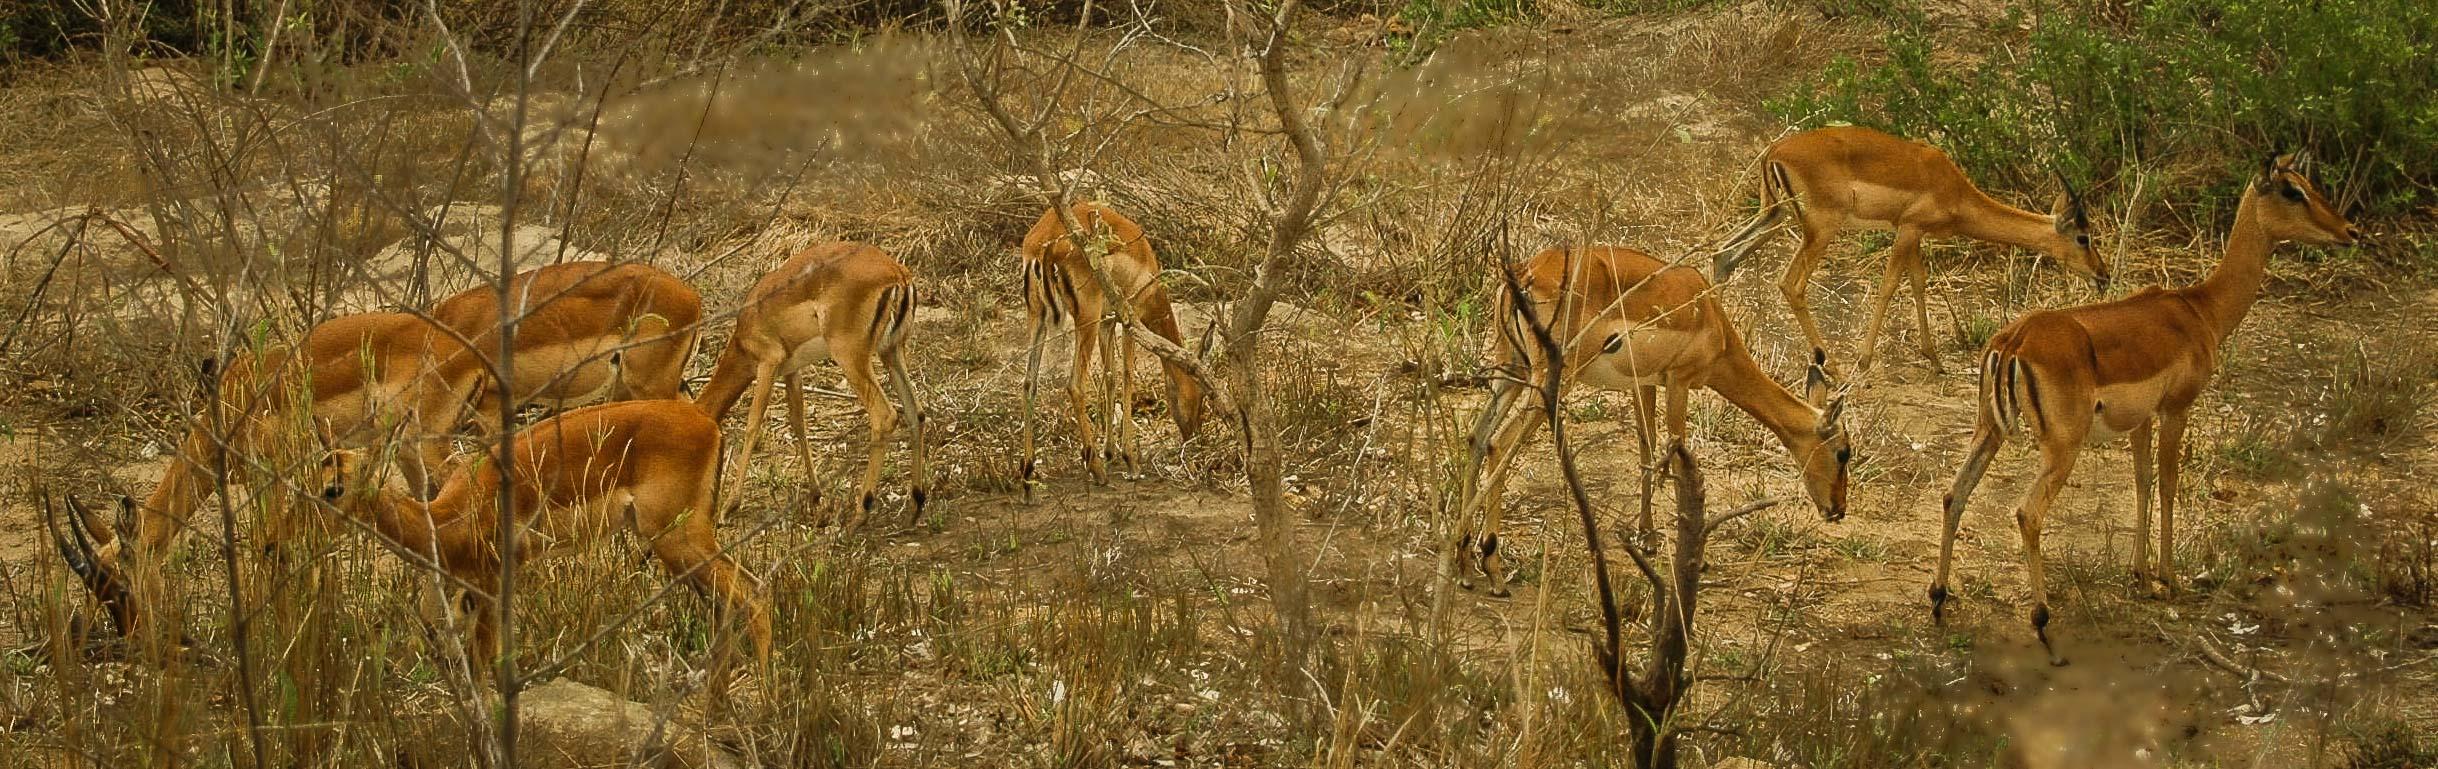 Impalas, Kruger National Park,, South Africa 2005